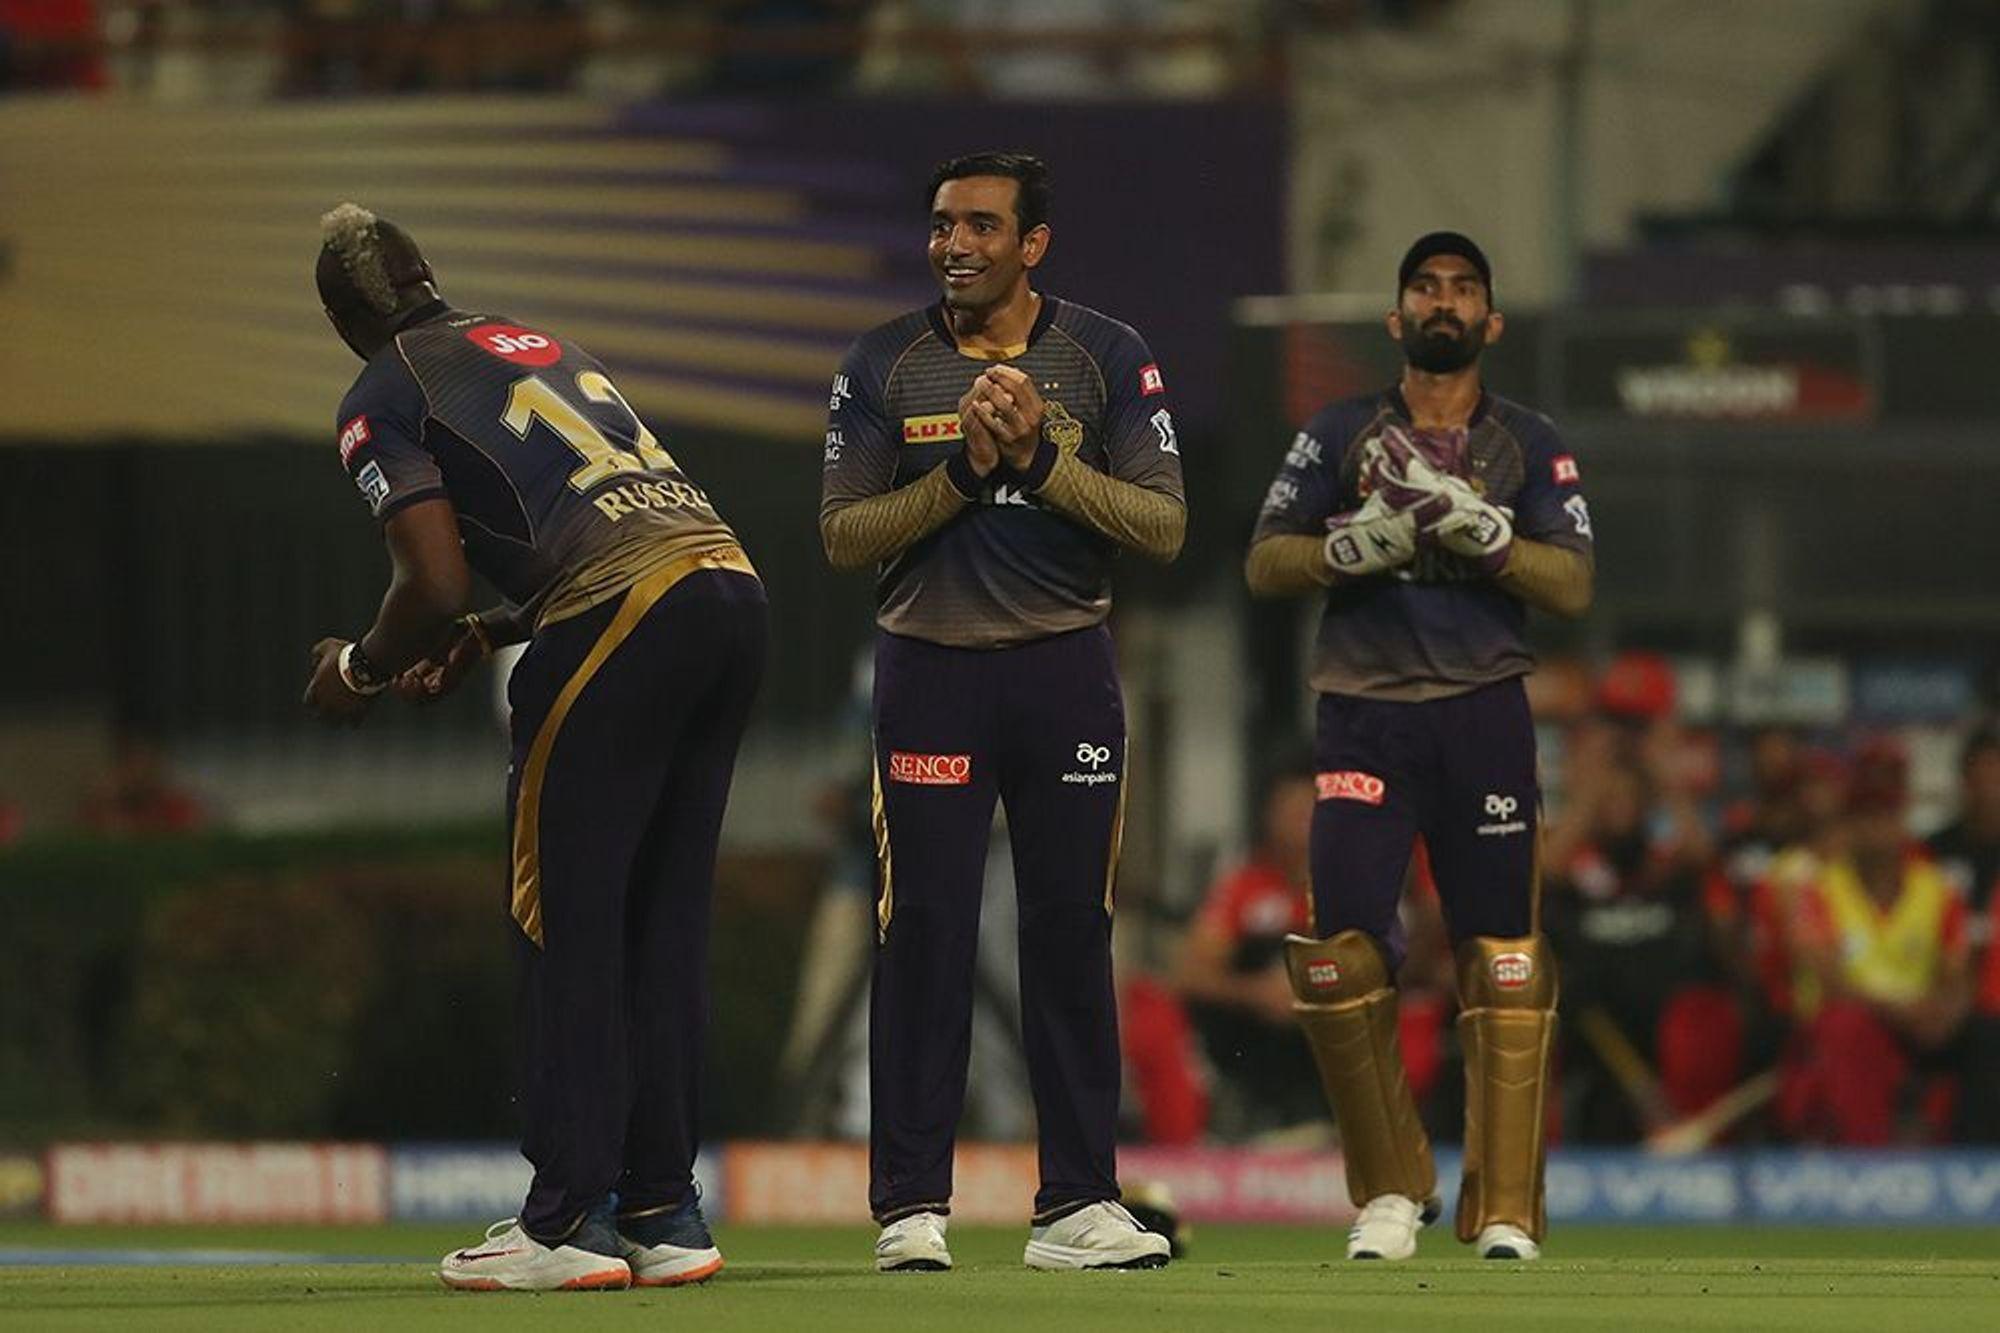 लगातार 5 मैचों में हार के बाद कप्तान कार्तिक समेत केकेआर इन 5 खिलाड़ियों को भेजा टीम से बाहर 57